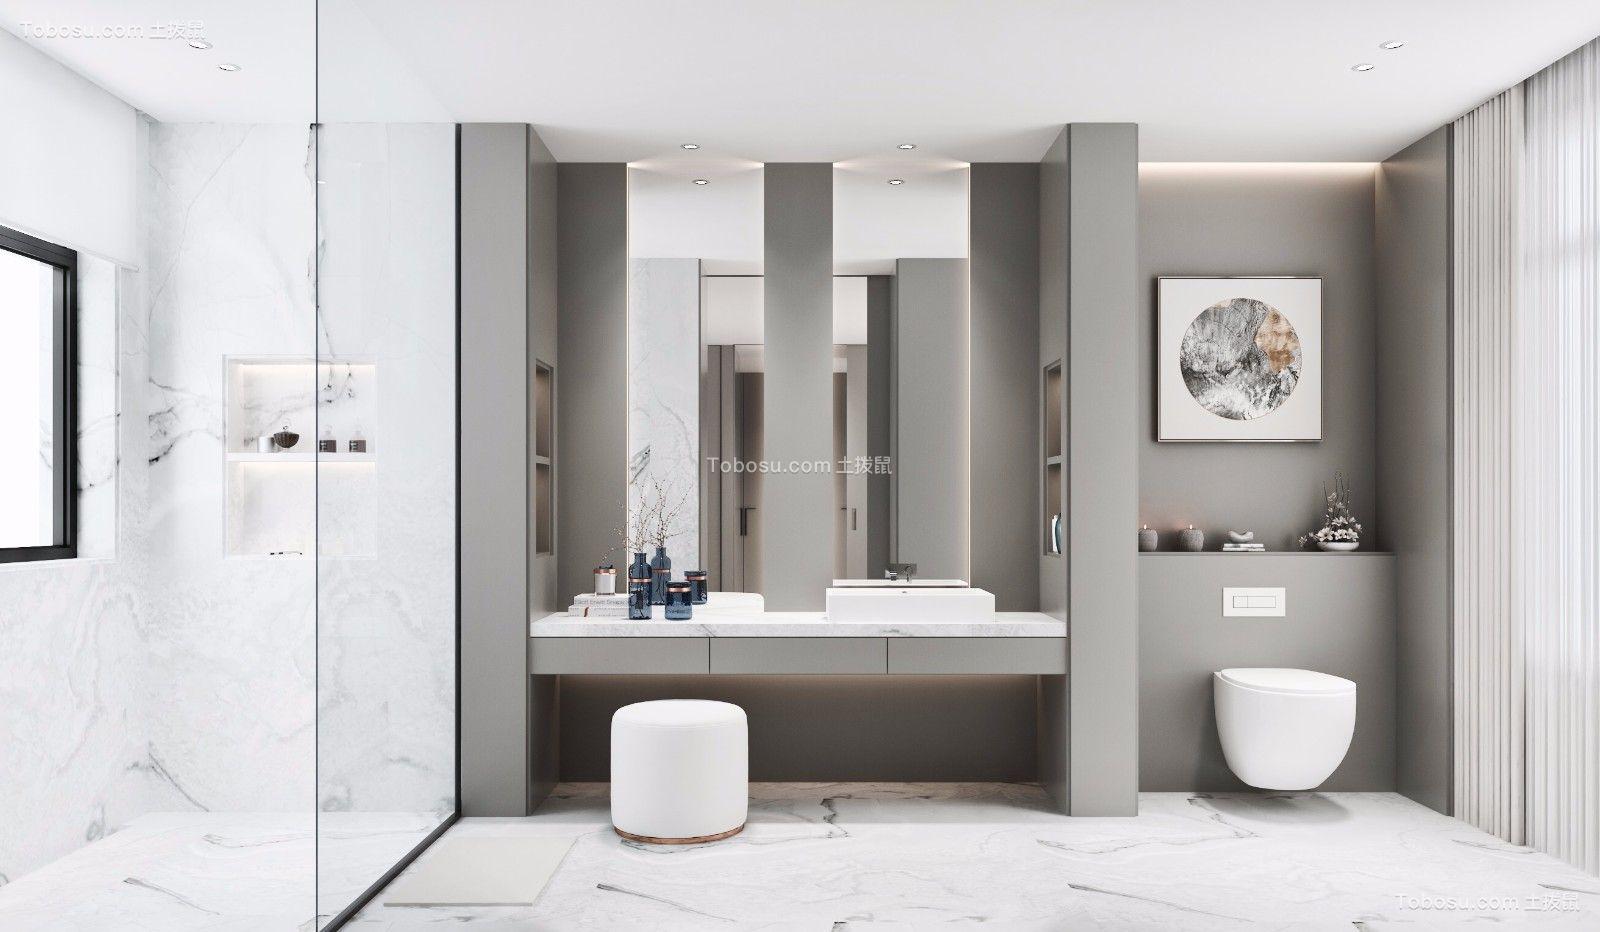 厕所 家居 设计 卫生间 卫生间装修 装修 1600_932